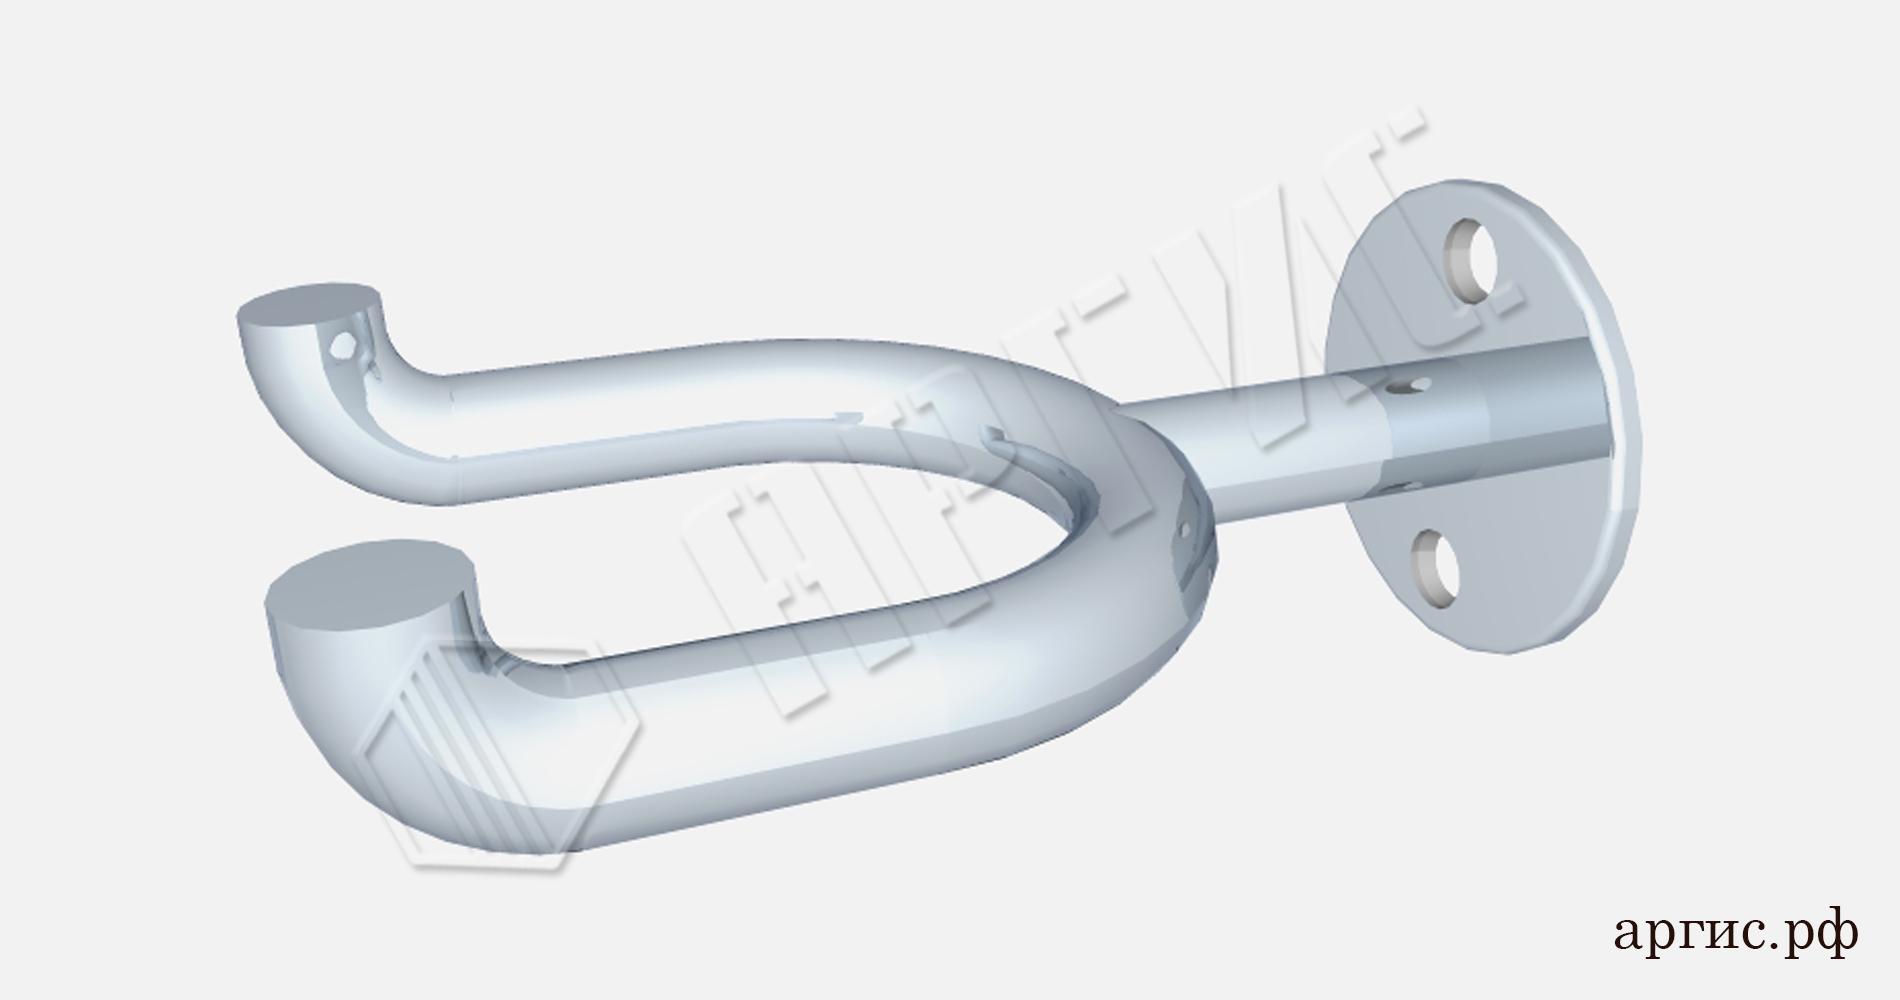 Крючки для костылей инвалидов фото